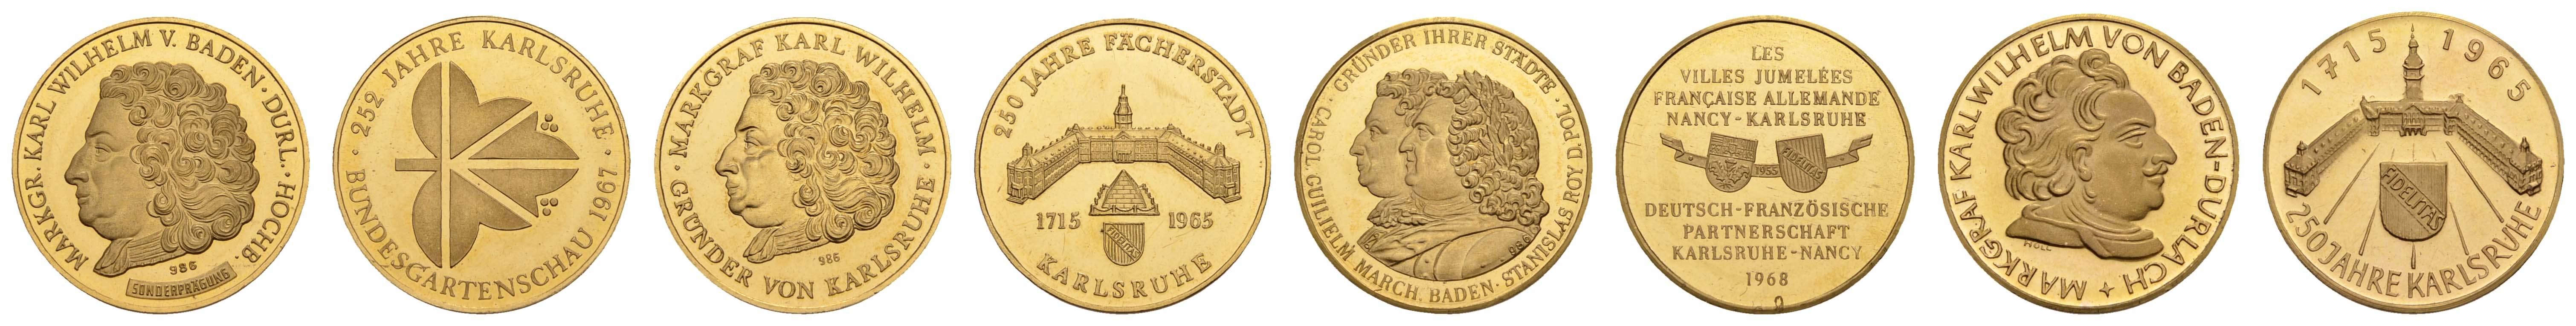 Lot 2185 - medaillen Gold-, Platin- und Palladiummedaillen - Deutschland -  Auktionshaus Ulrich Felzmann GmbH & Co. KG Coins single lots